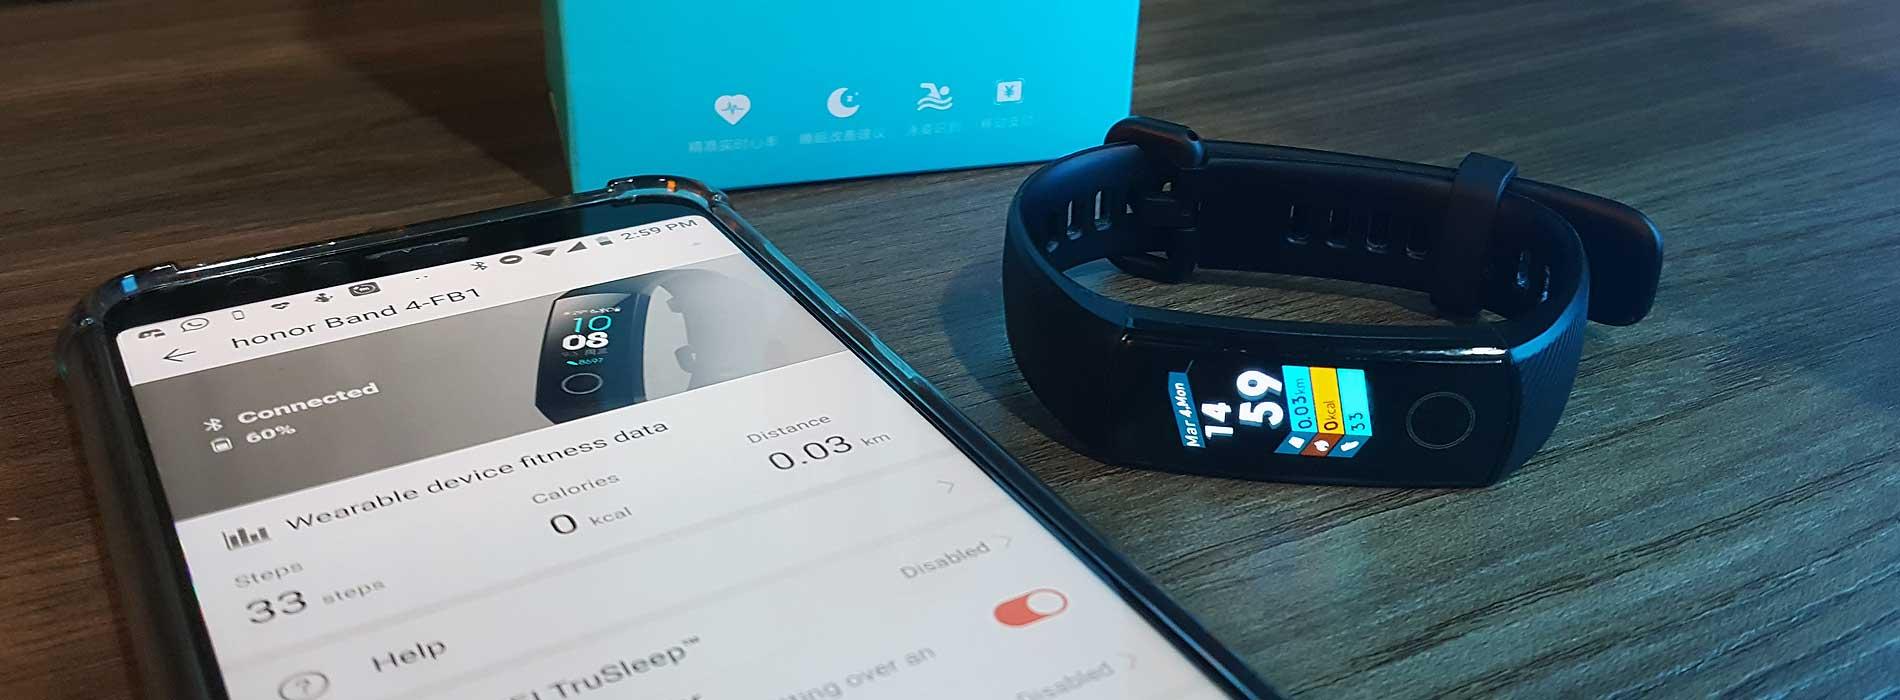 Análise: Honor Band 4 é a pulseira inteligente que pode bater a Xiaomi Mi Band